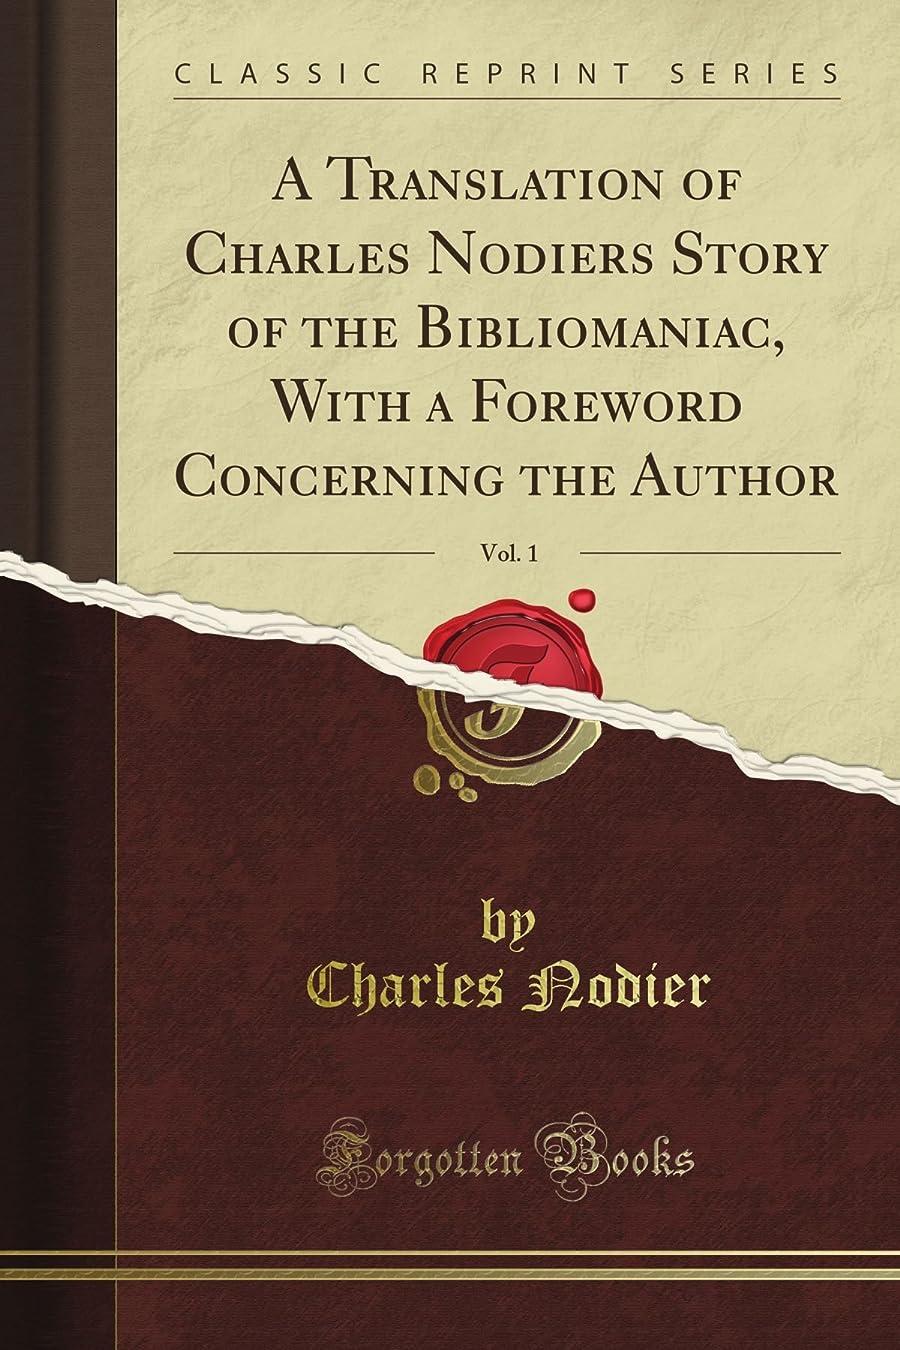 感じケイ素無臭A Translation of Charles Nodier's Story of the Bibliomaniac, With a Foreword Concerning the Author, Vol. 1 (Classic Reprint)